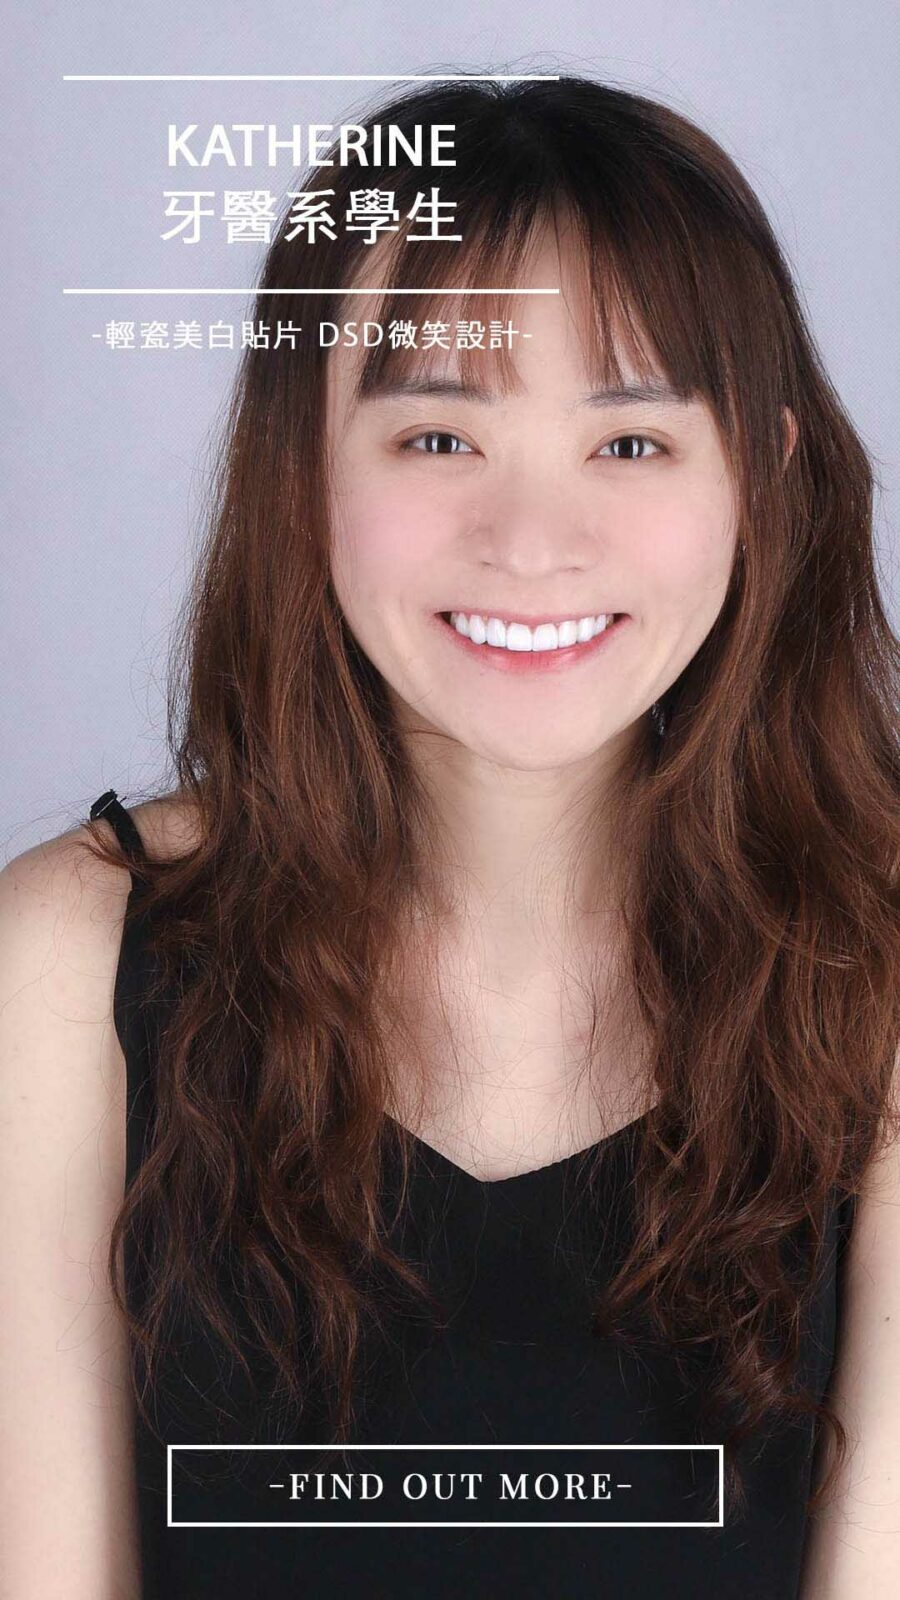 陶瓷貼片案例-牙齒黃-假牙變色-DSD微笑設計-朗日牙藝-輕瓷美白貼片